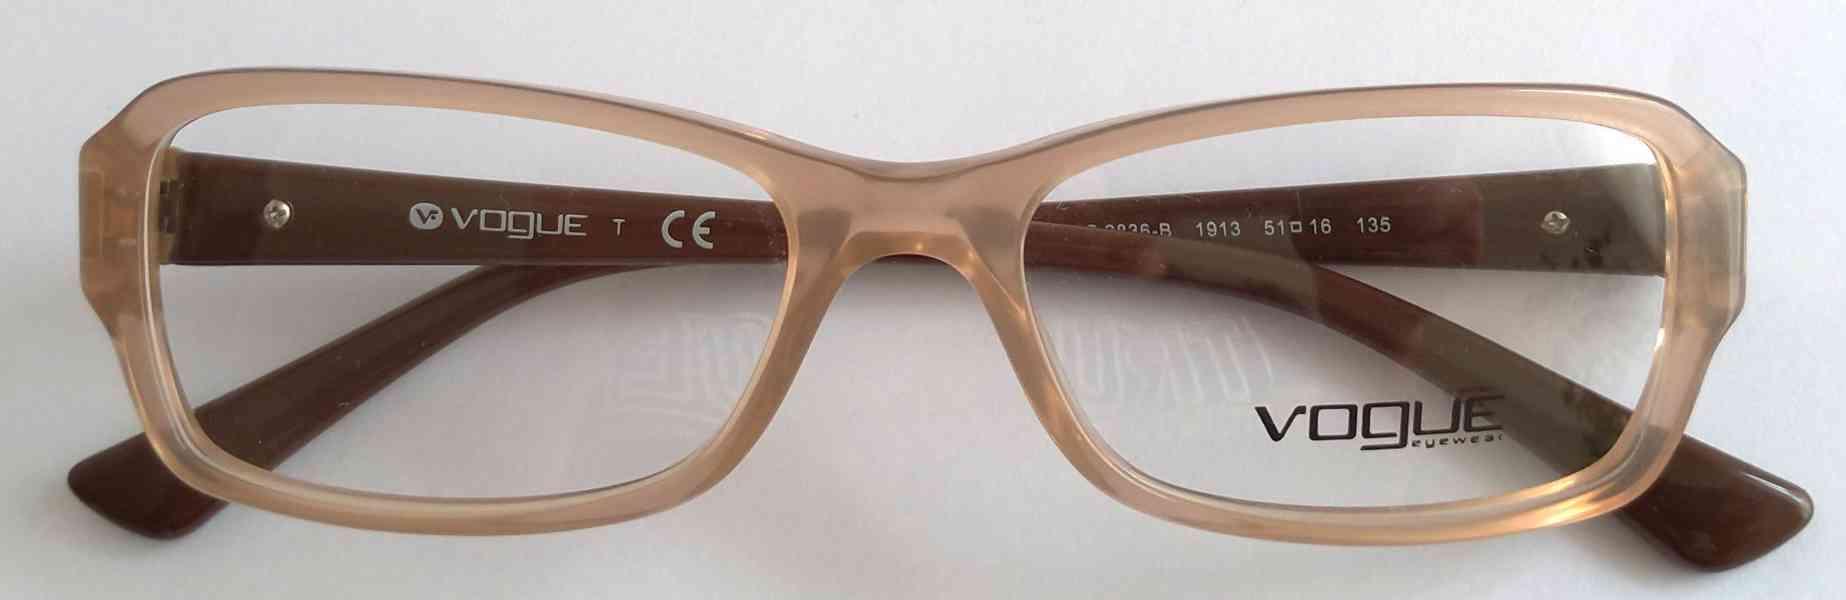 VOGUE VO 2836-B dámské brýlové obruby 51-16-135 MOC:3200 Kč - foto 10